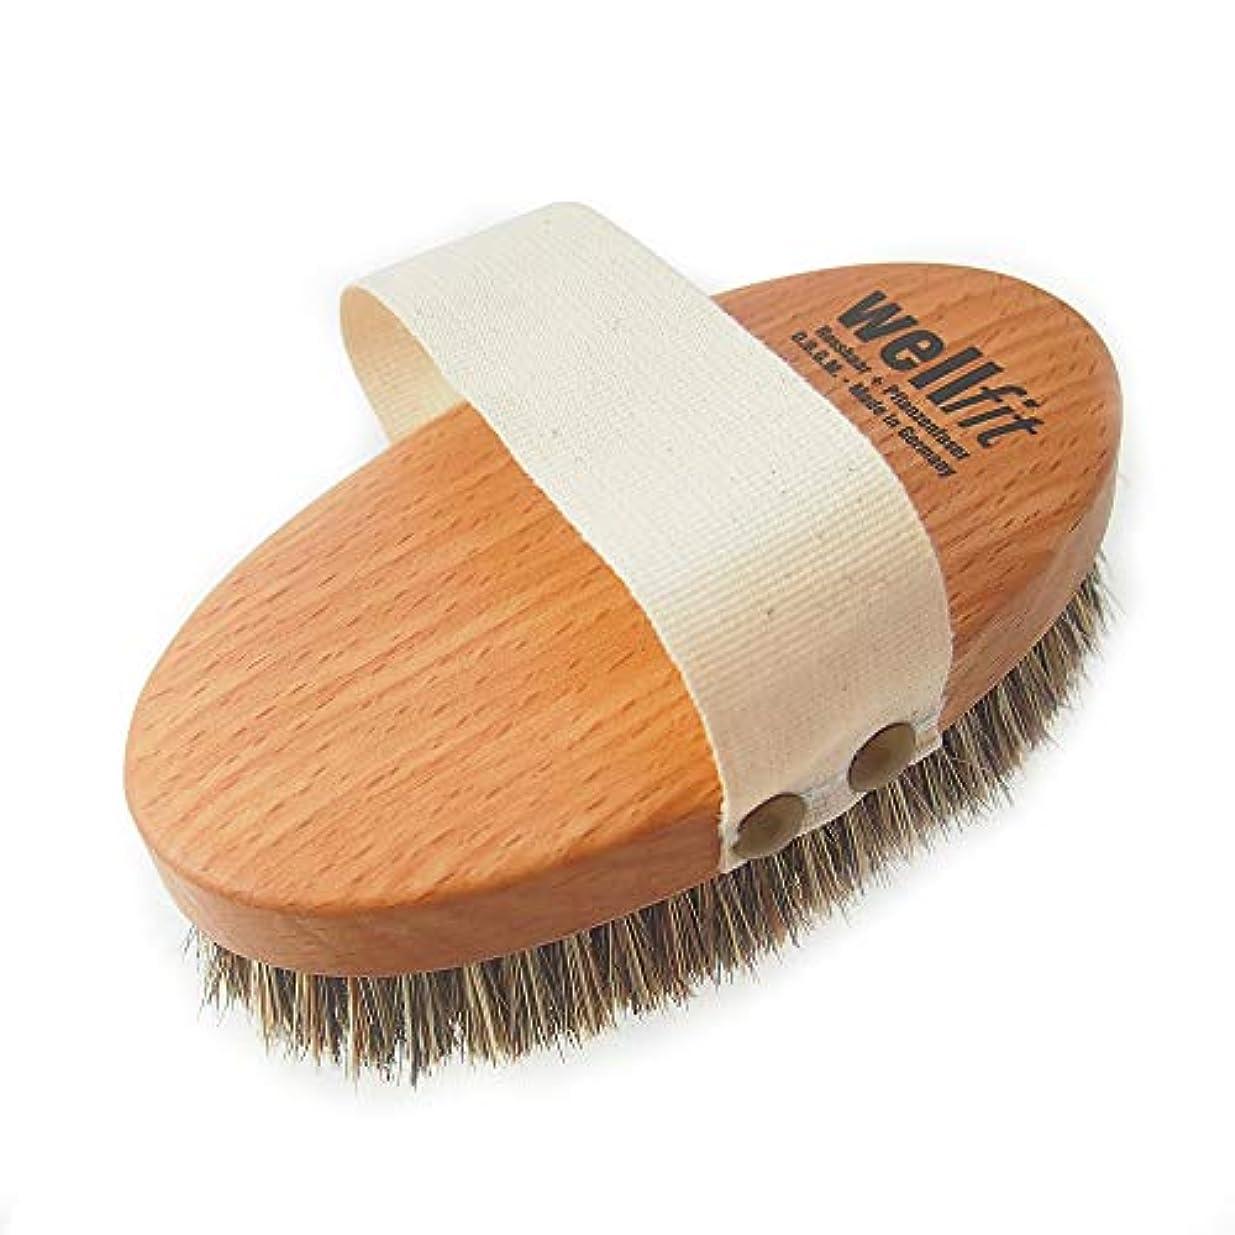 否認する入場料評議会レデッカー Redecker マッサージブラシ(ミディアムハード 馬毛と植物毛の混毛植毛) 正規品